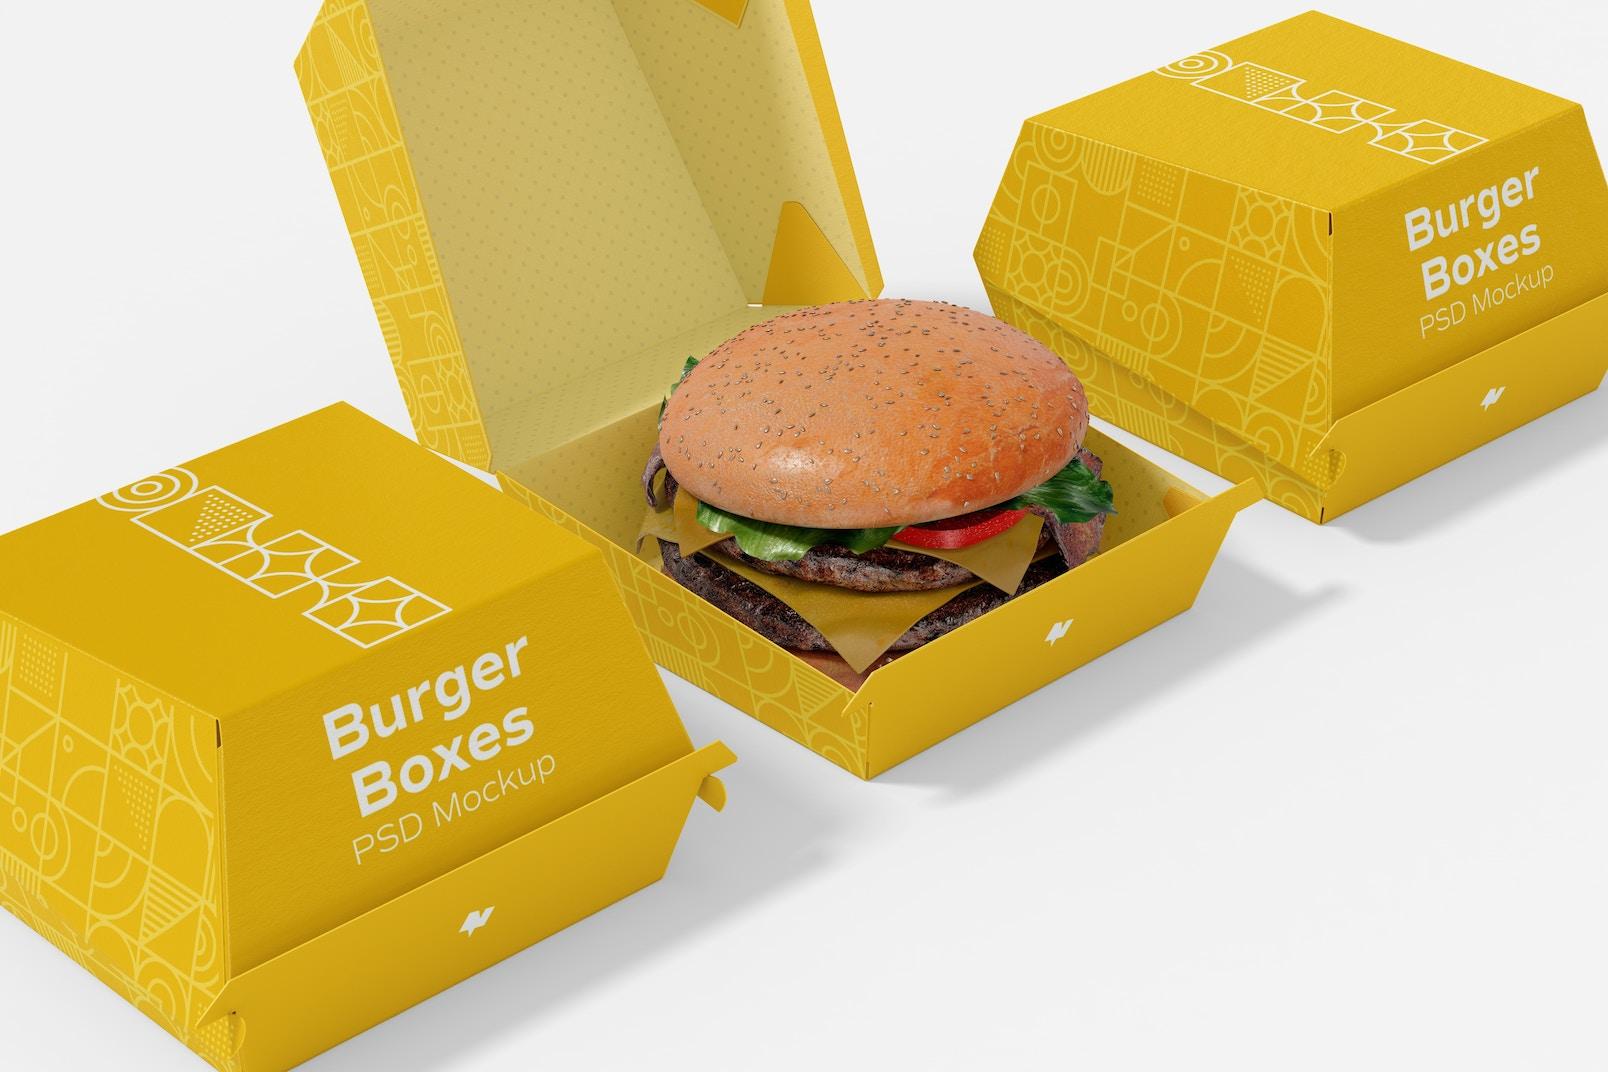 Burger Boxes Mockup, Close Up